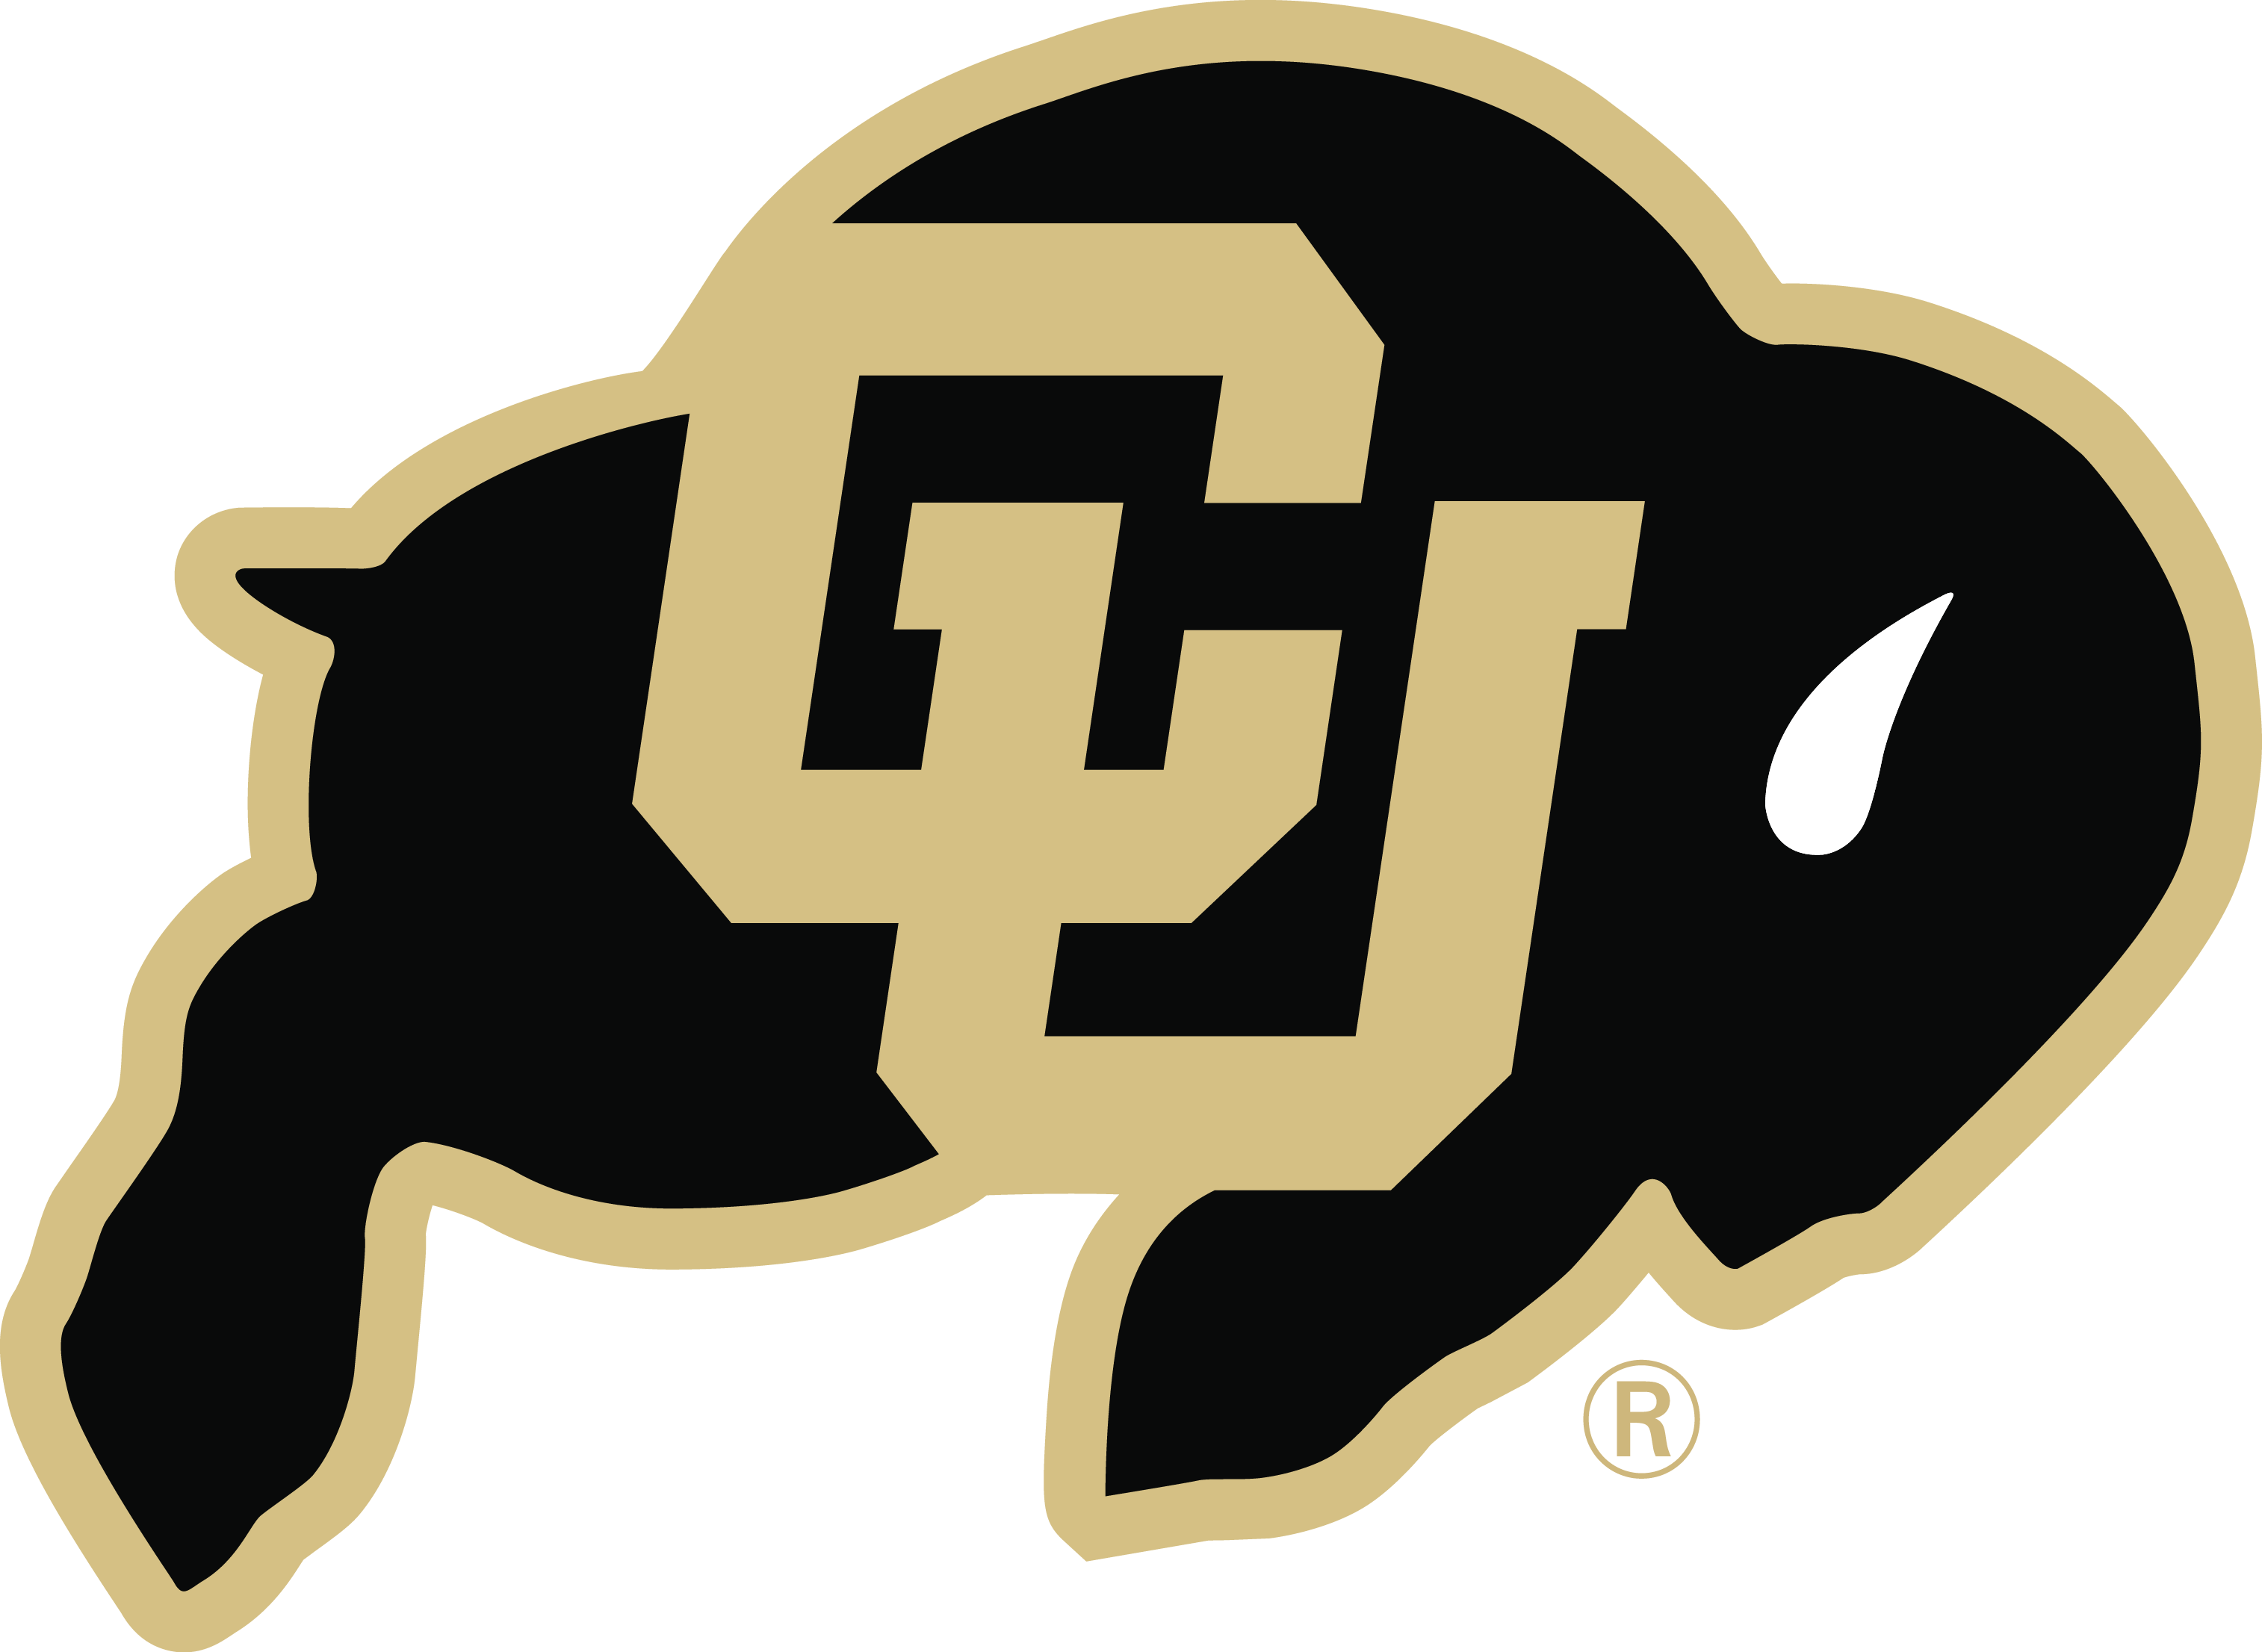 colorado-buffaloes-logo